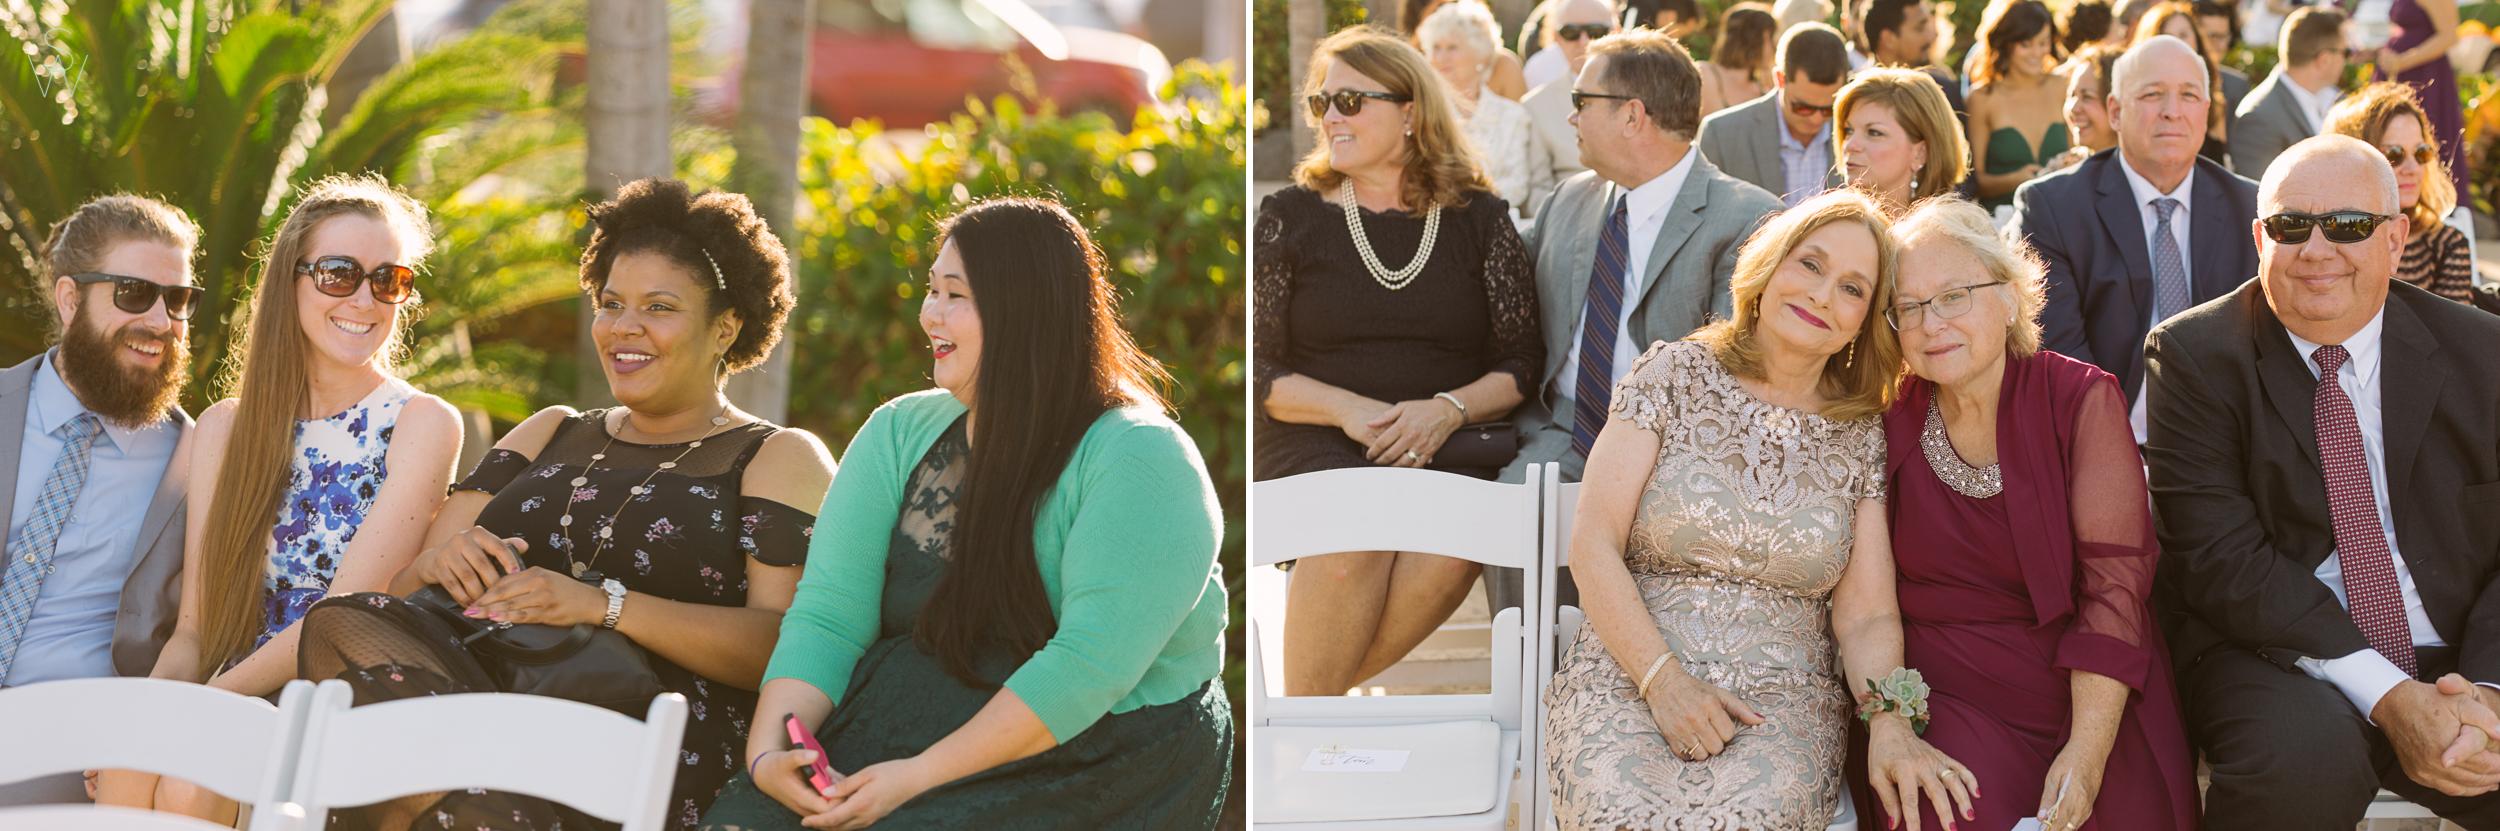 139San.diego.wedding.shewanders.photography.JPG